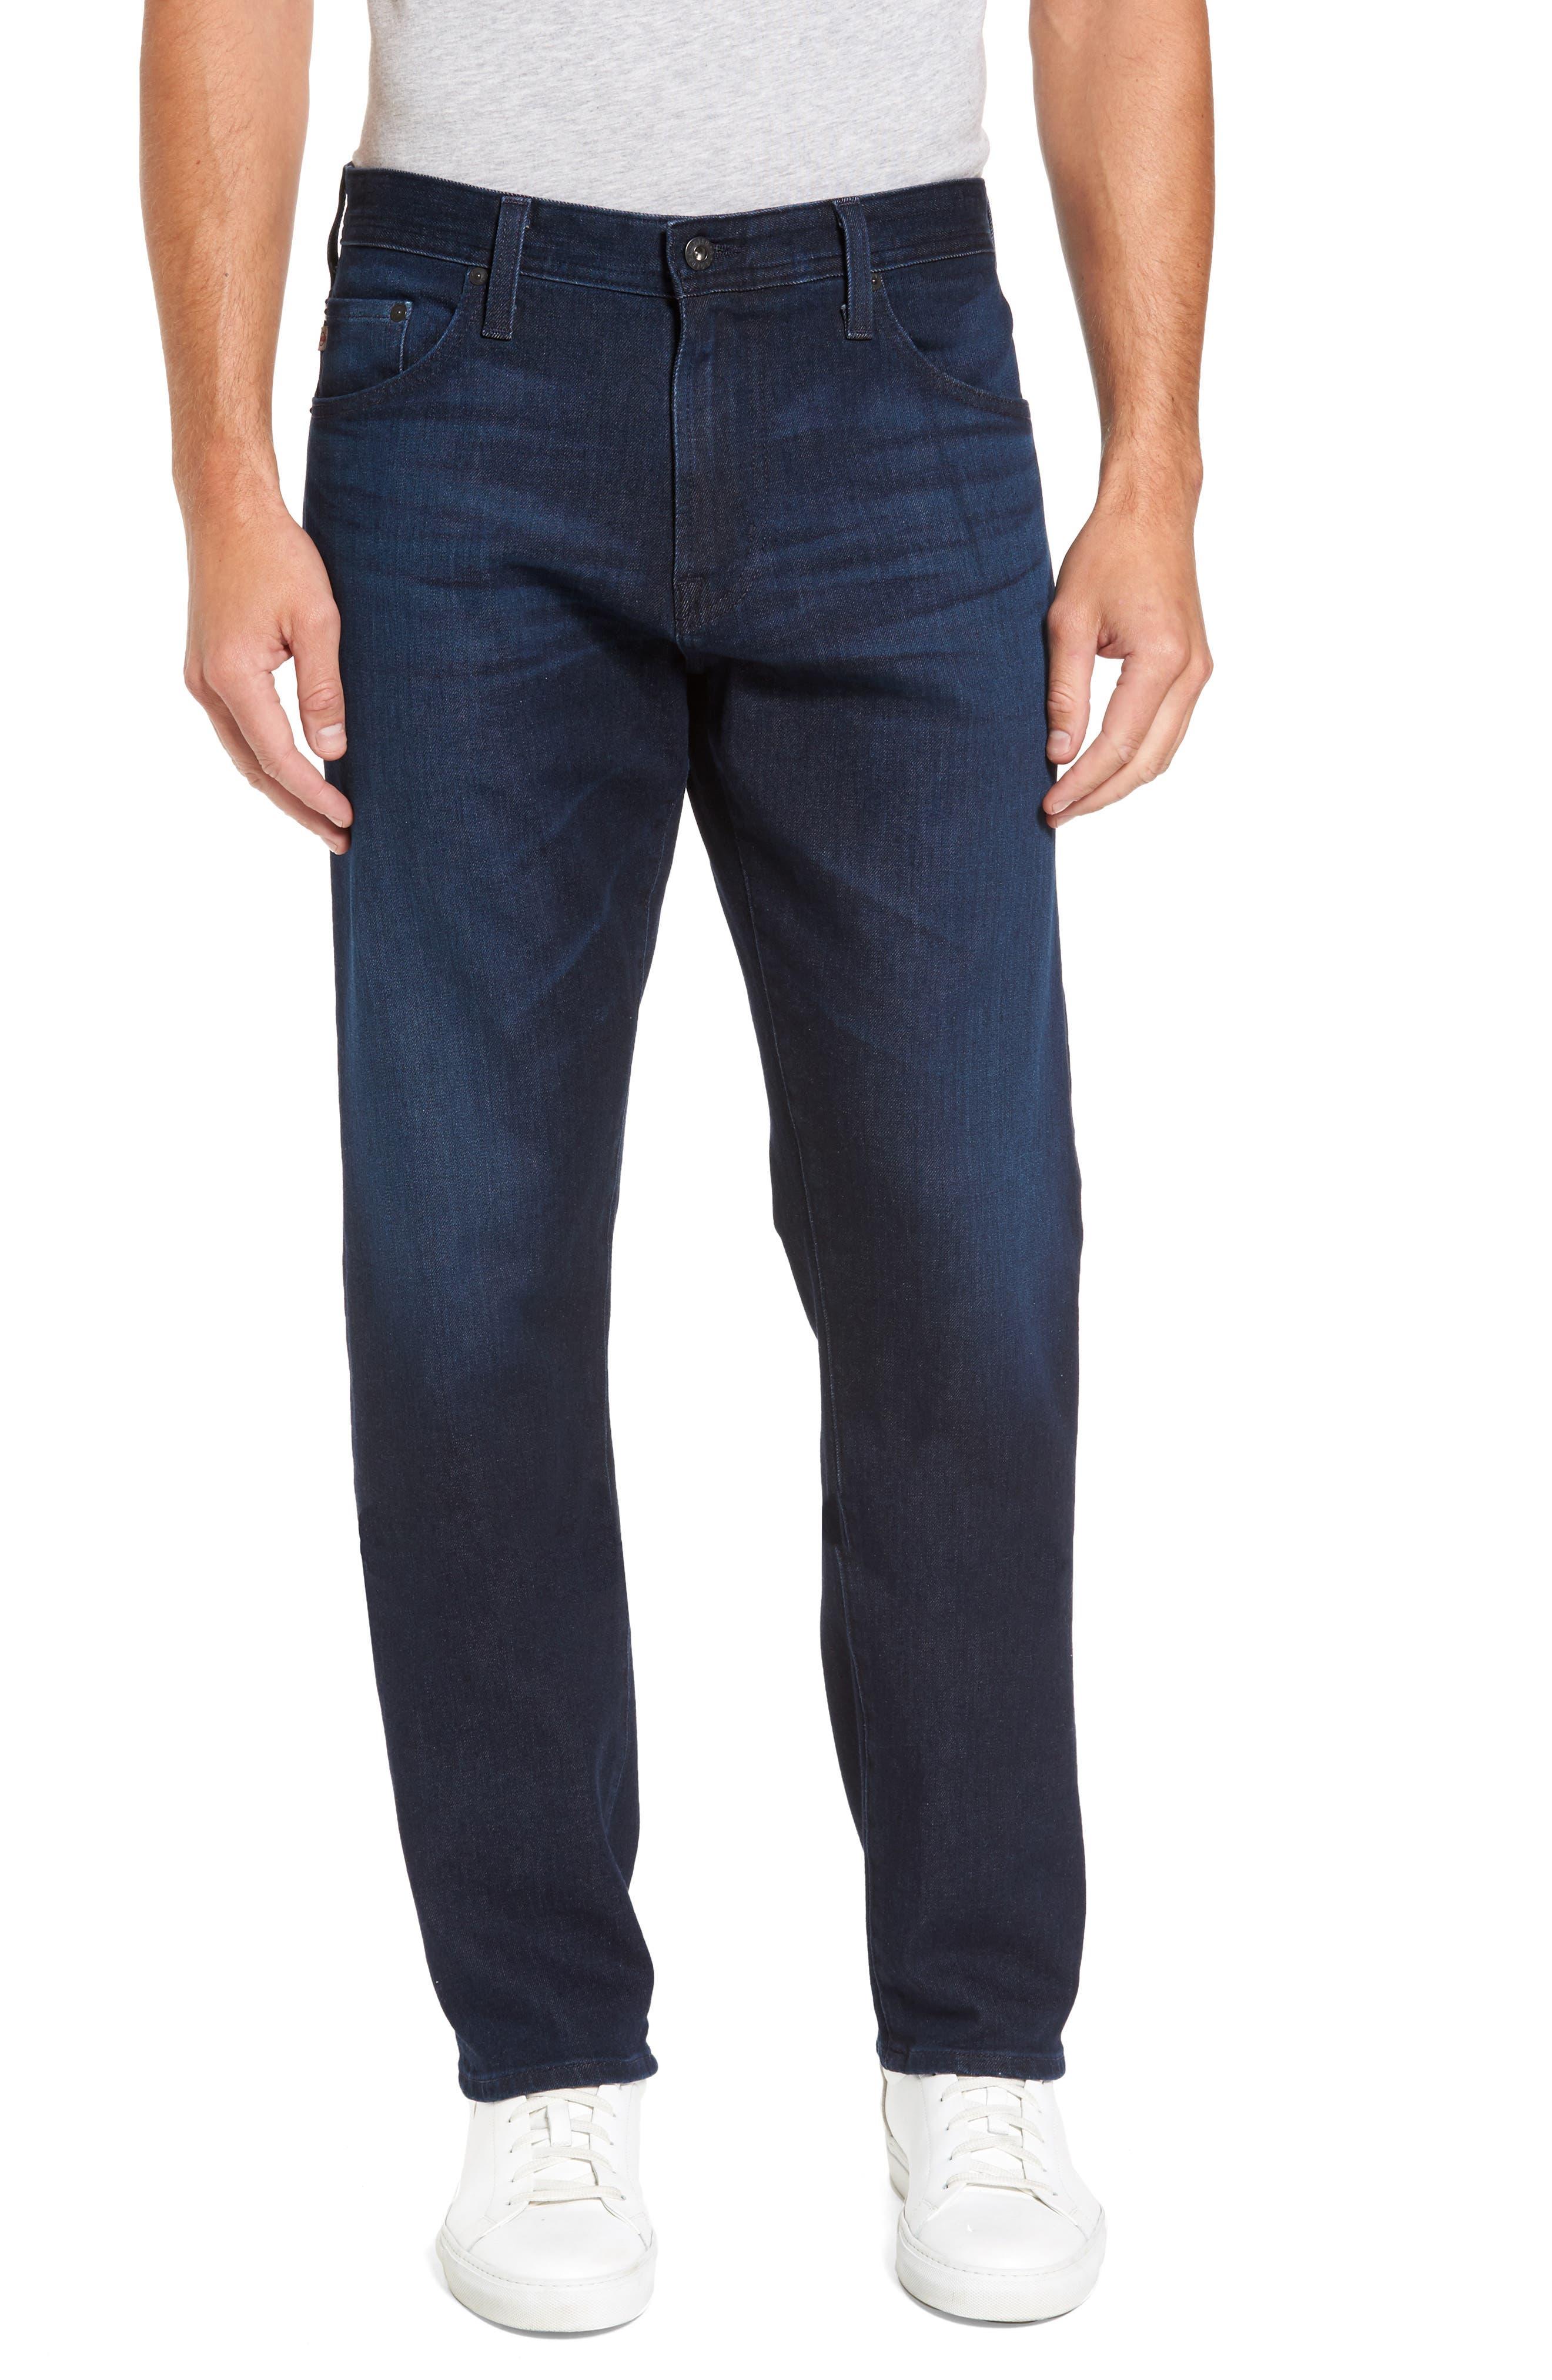 Alternate Image 1 Selected - AG Ives Straight Leg Jeans (Vibe)